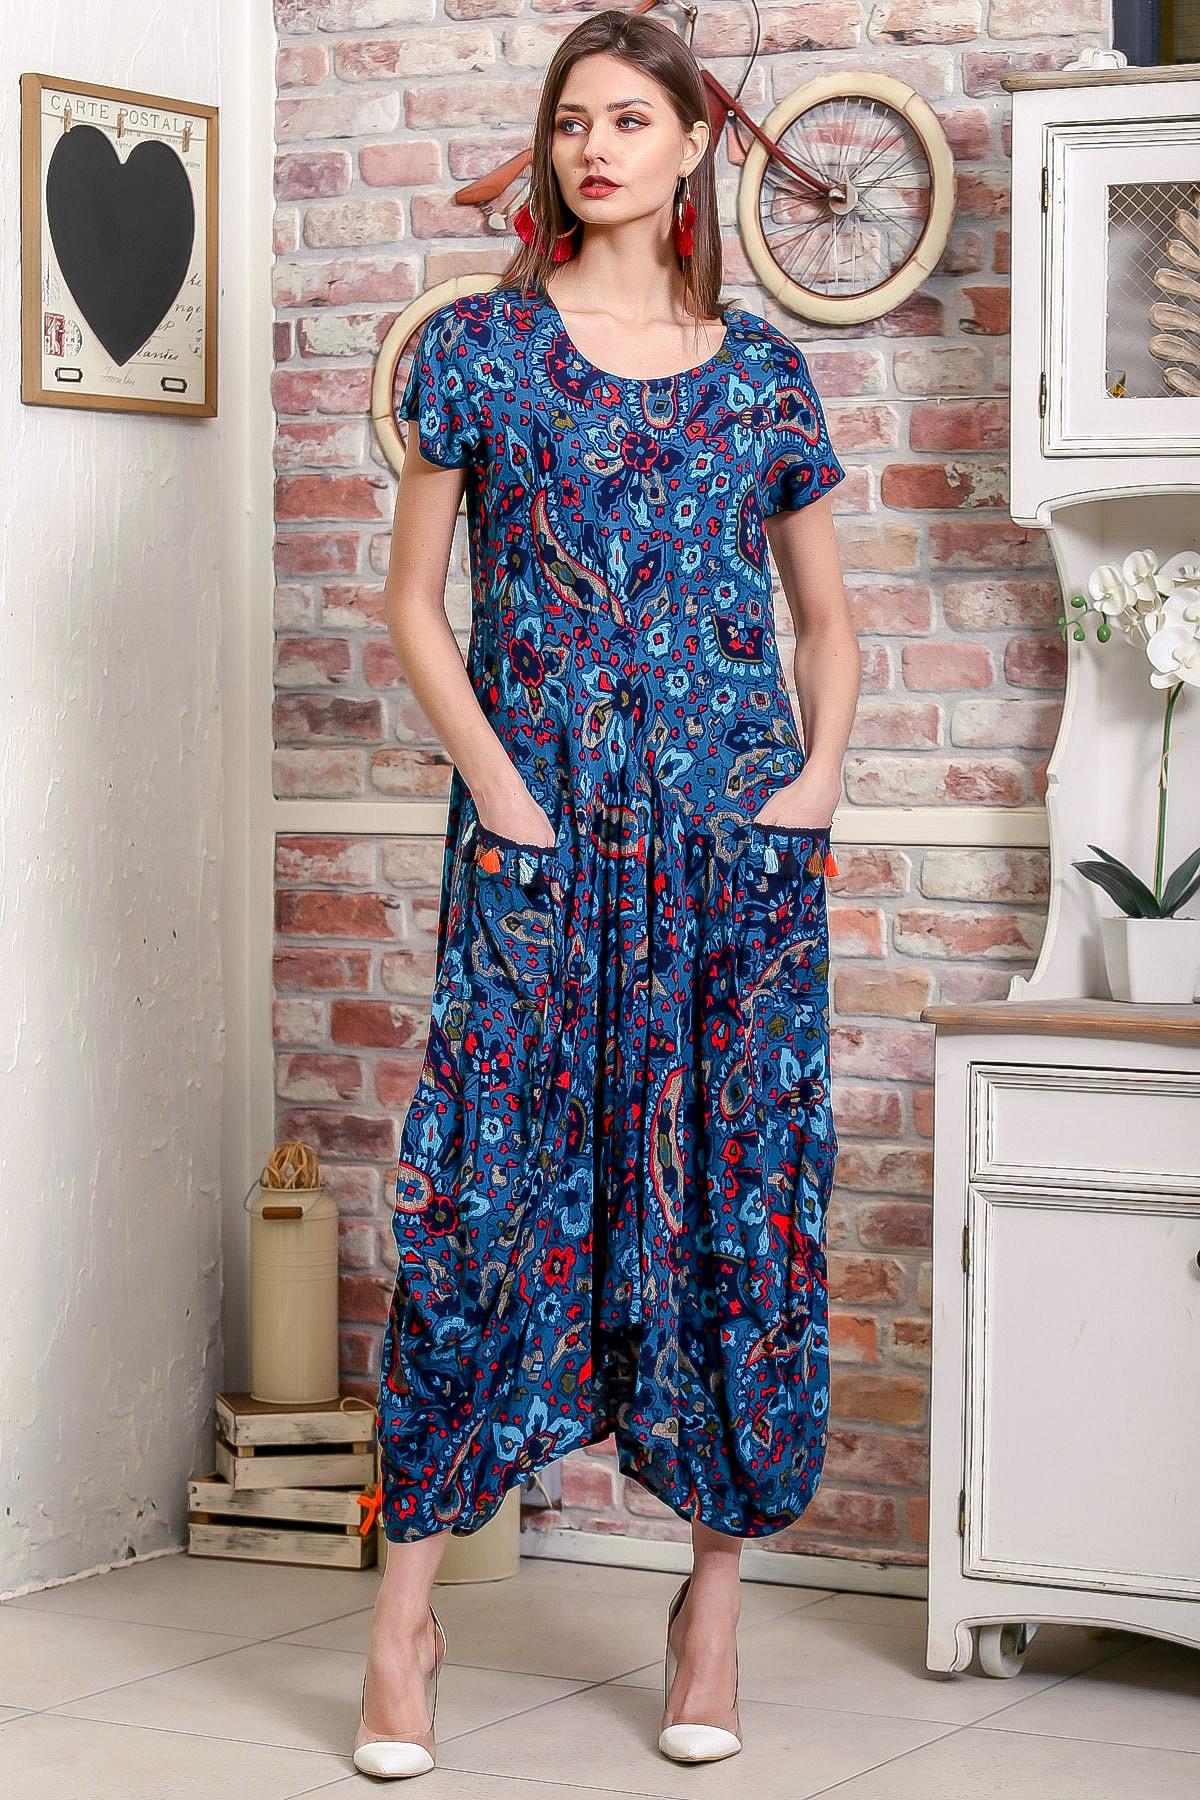 Chiccy Kadın Petrol Mavi Bohem Şal Desen Asimetrik Cepleri Püskül Detaylı Dokuma Elbise 0